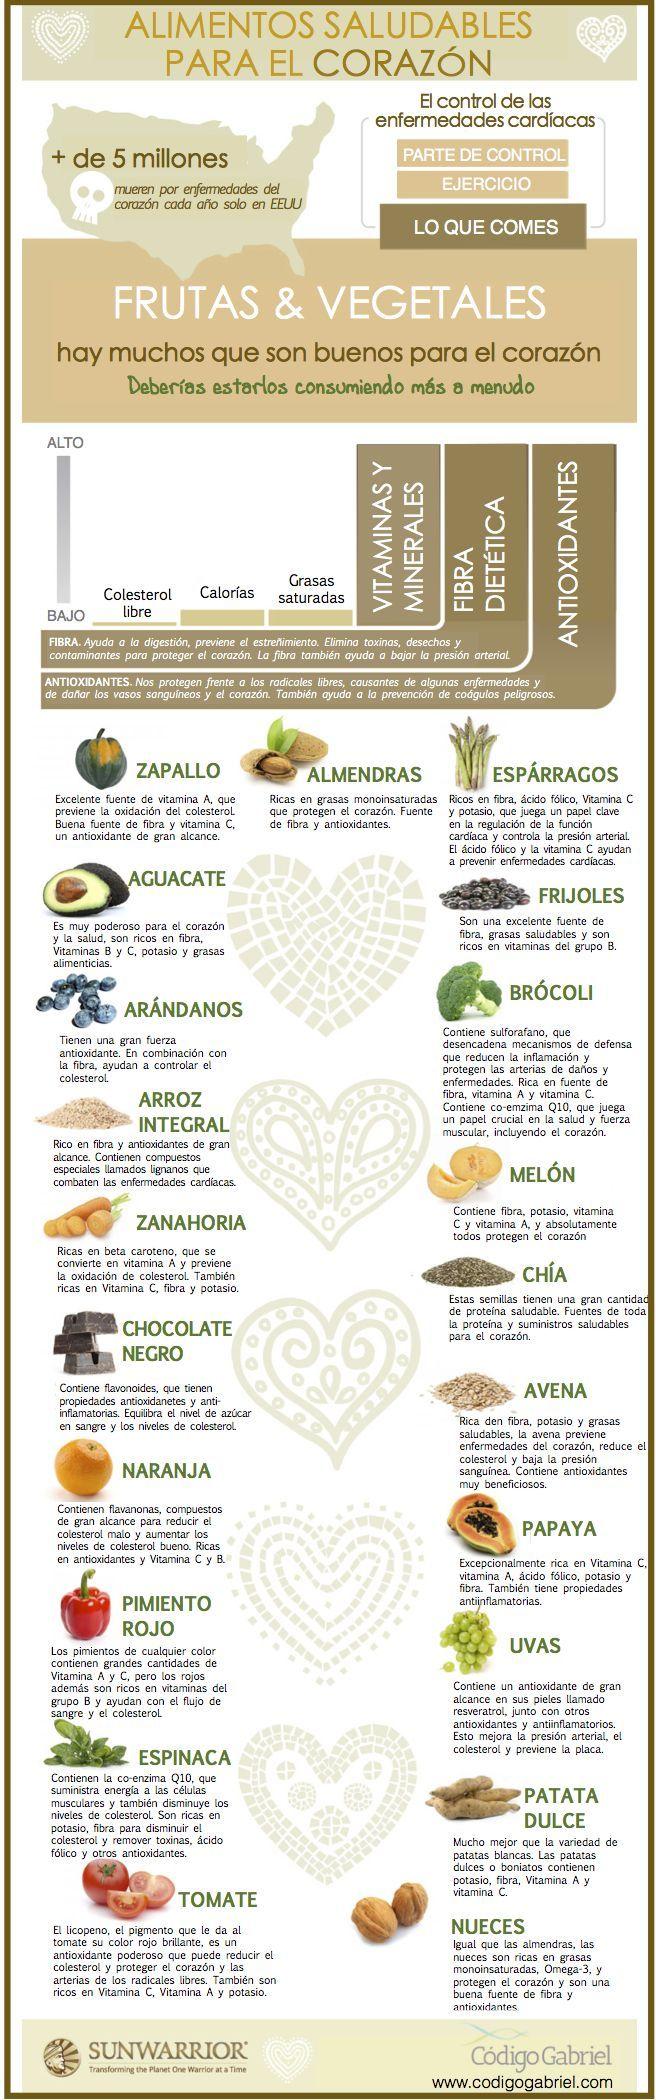 Alimentos saludables para el corazón. #salud #health #infografía #infographic